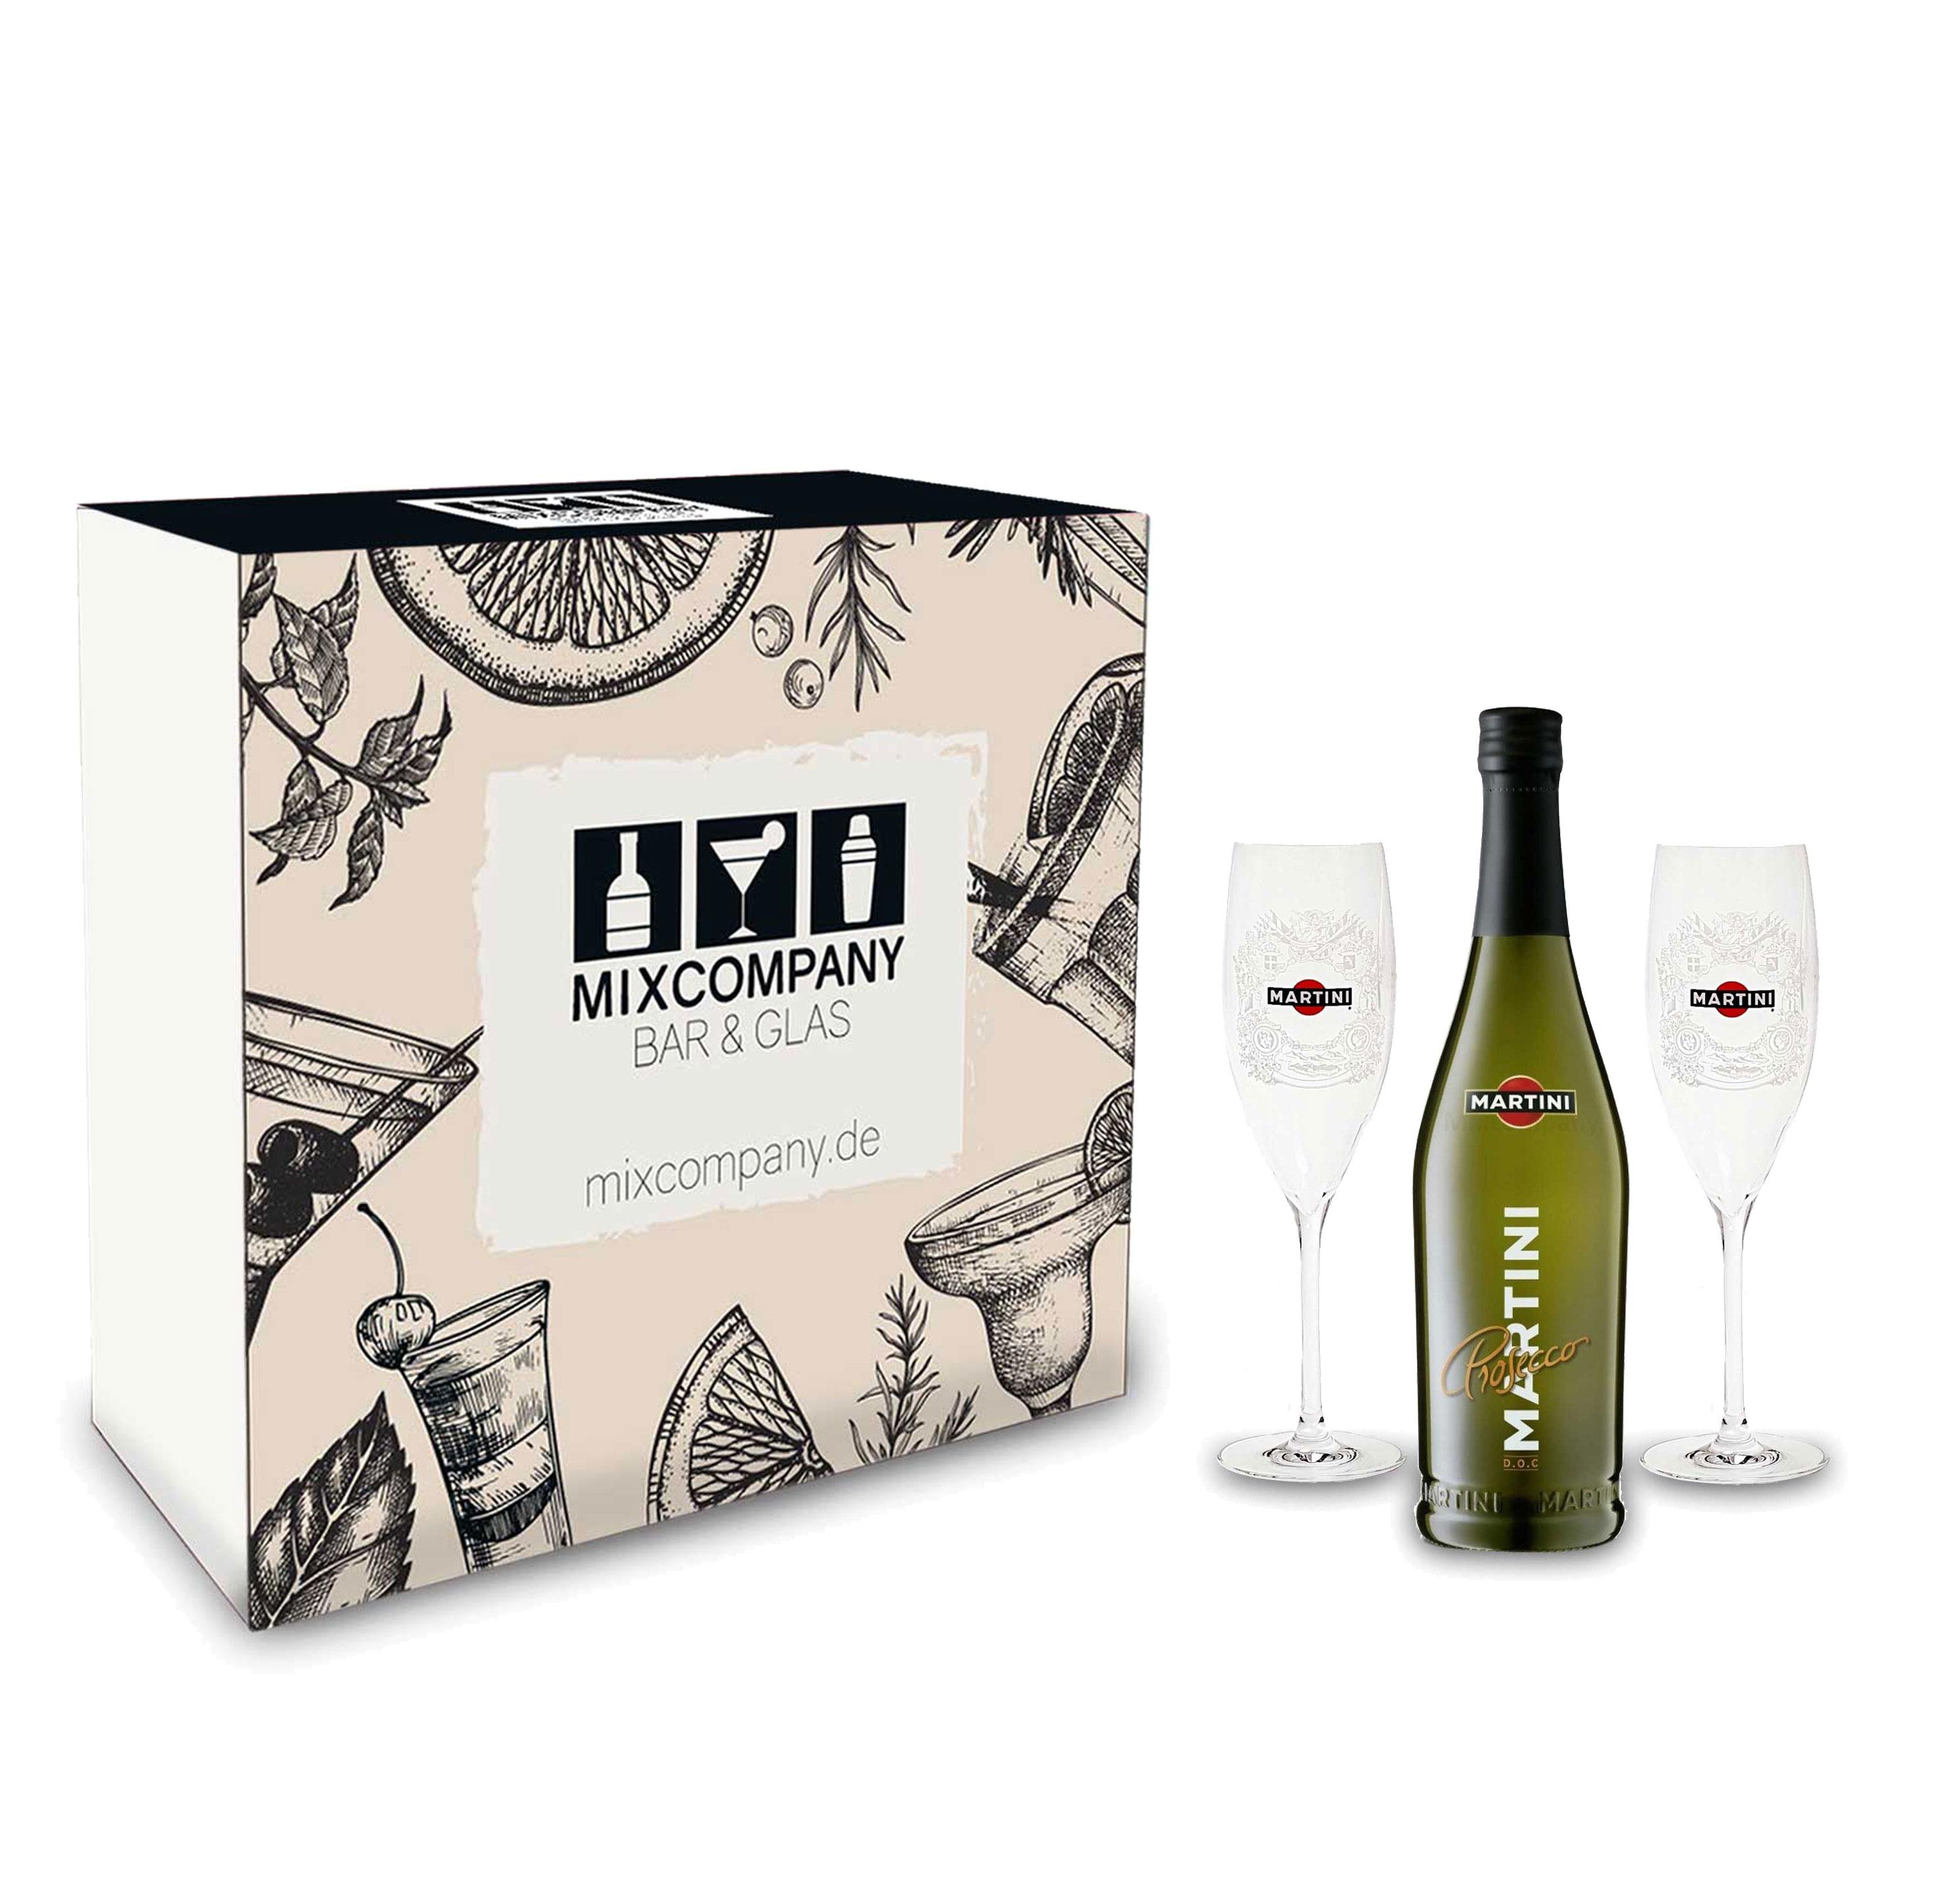 Martini Prosecco Set / Geschenkset - Martini Prosecco 750ml (10,5% Vol) + 2x Martini Sekt Flöten